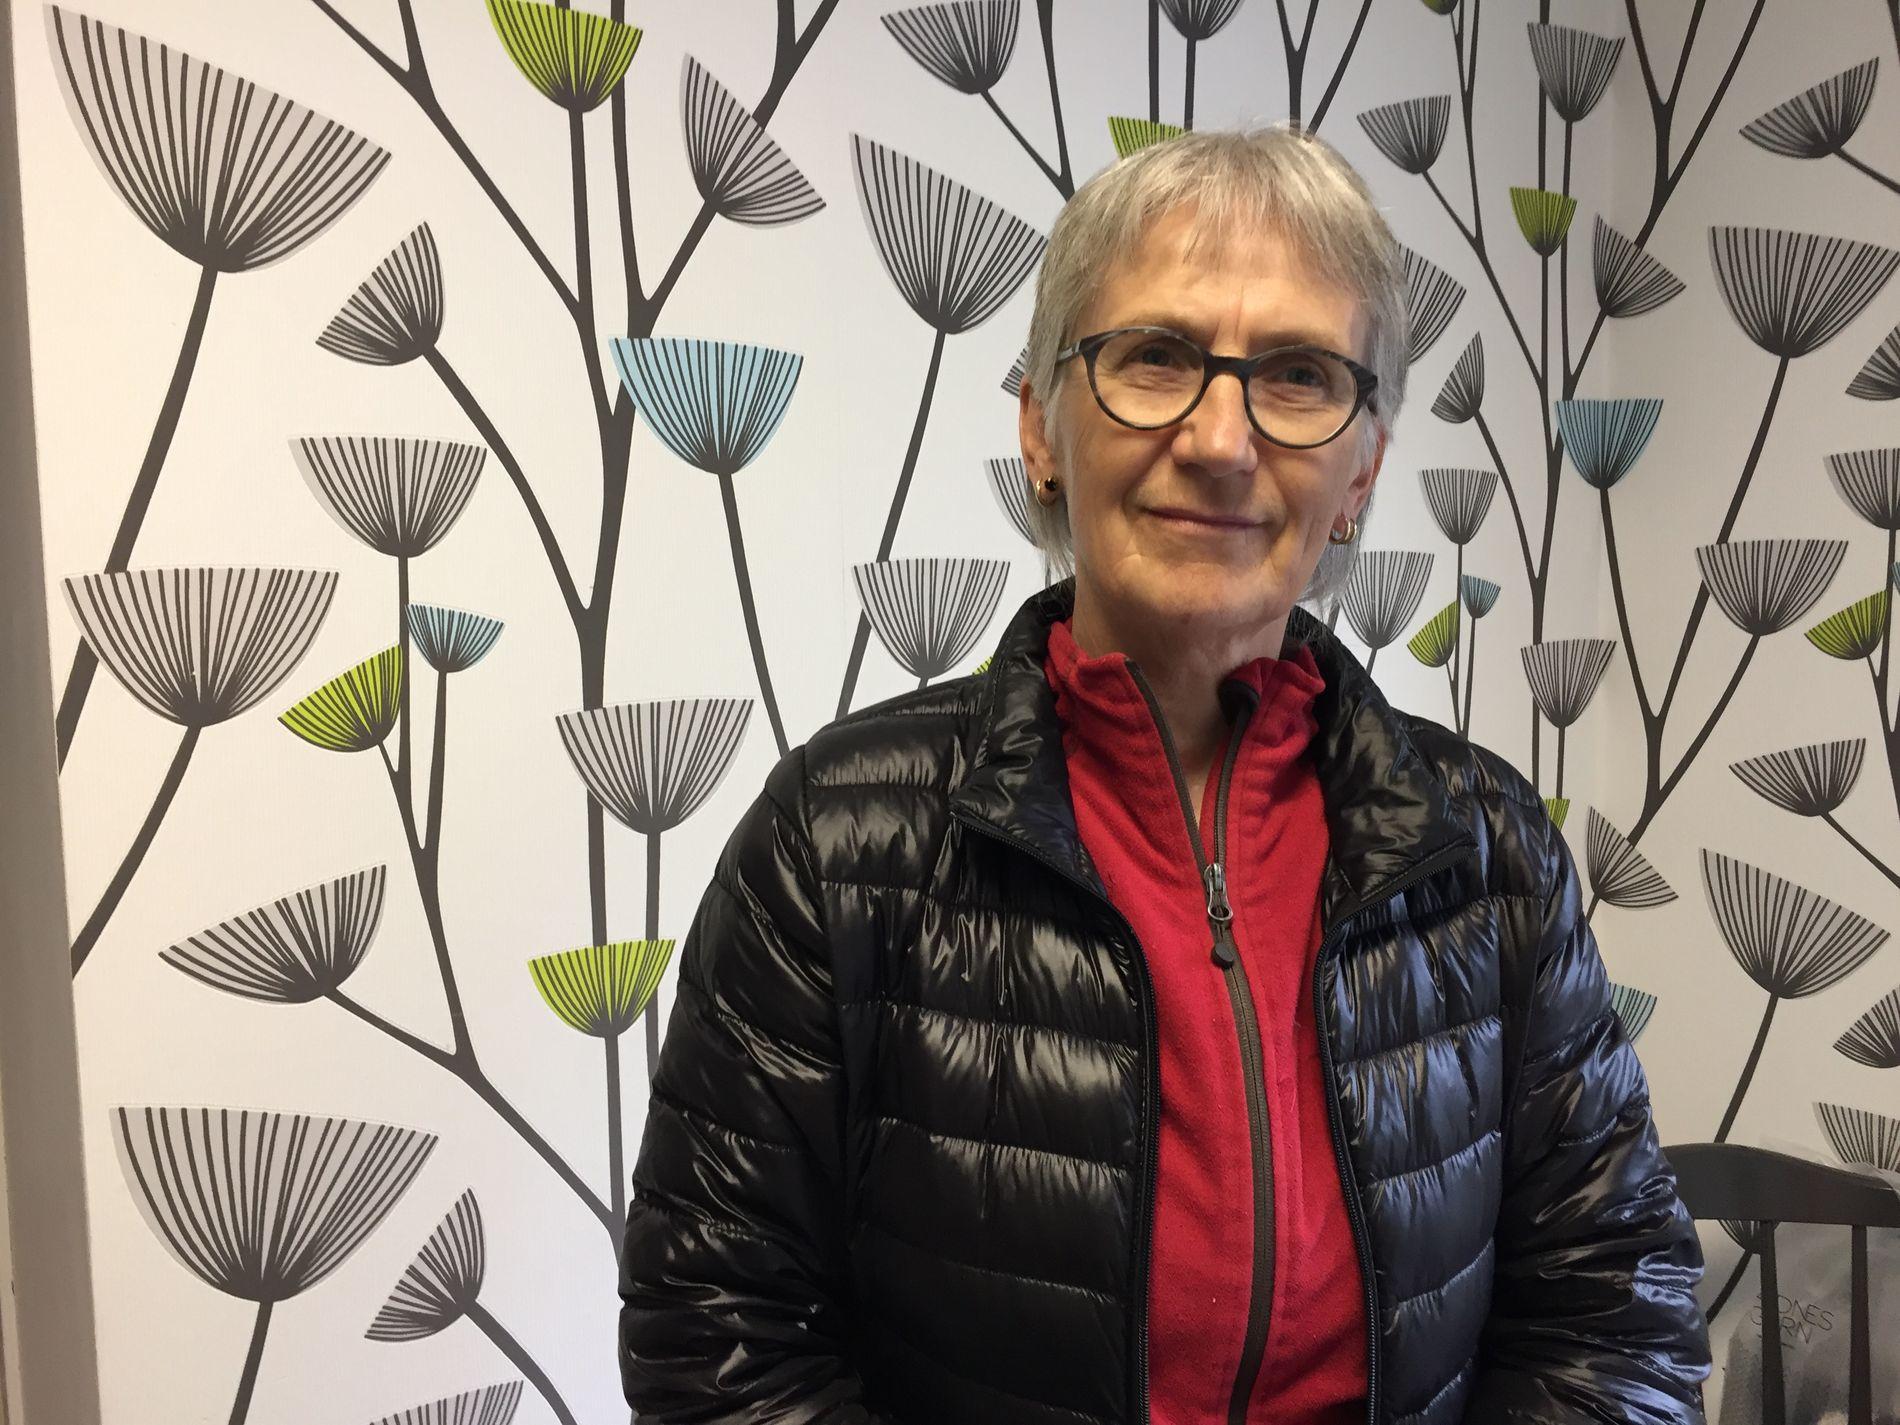 FRISK: Lærer Marit Mjøen ved Meldal videregående skole fryktet det verste da hun følte seg svimmel og kvalm. – Heldigvis var det bare en rus, sier hun i dag.